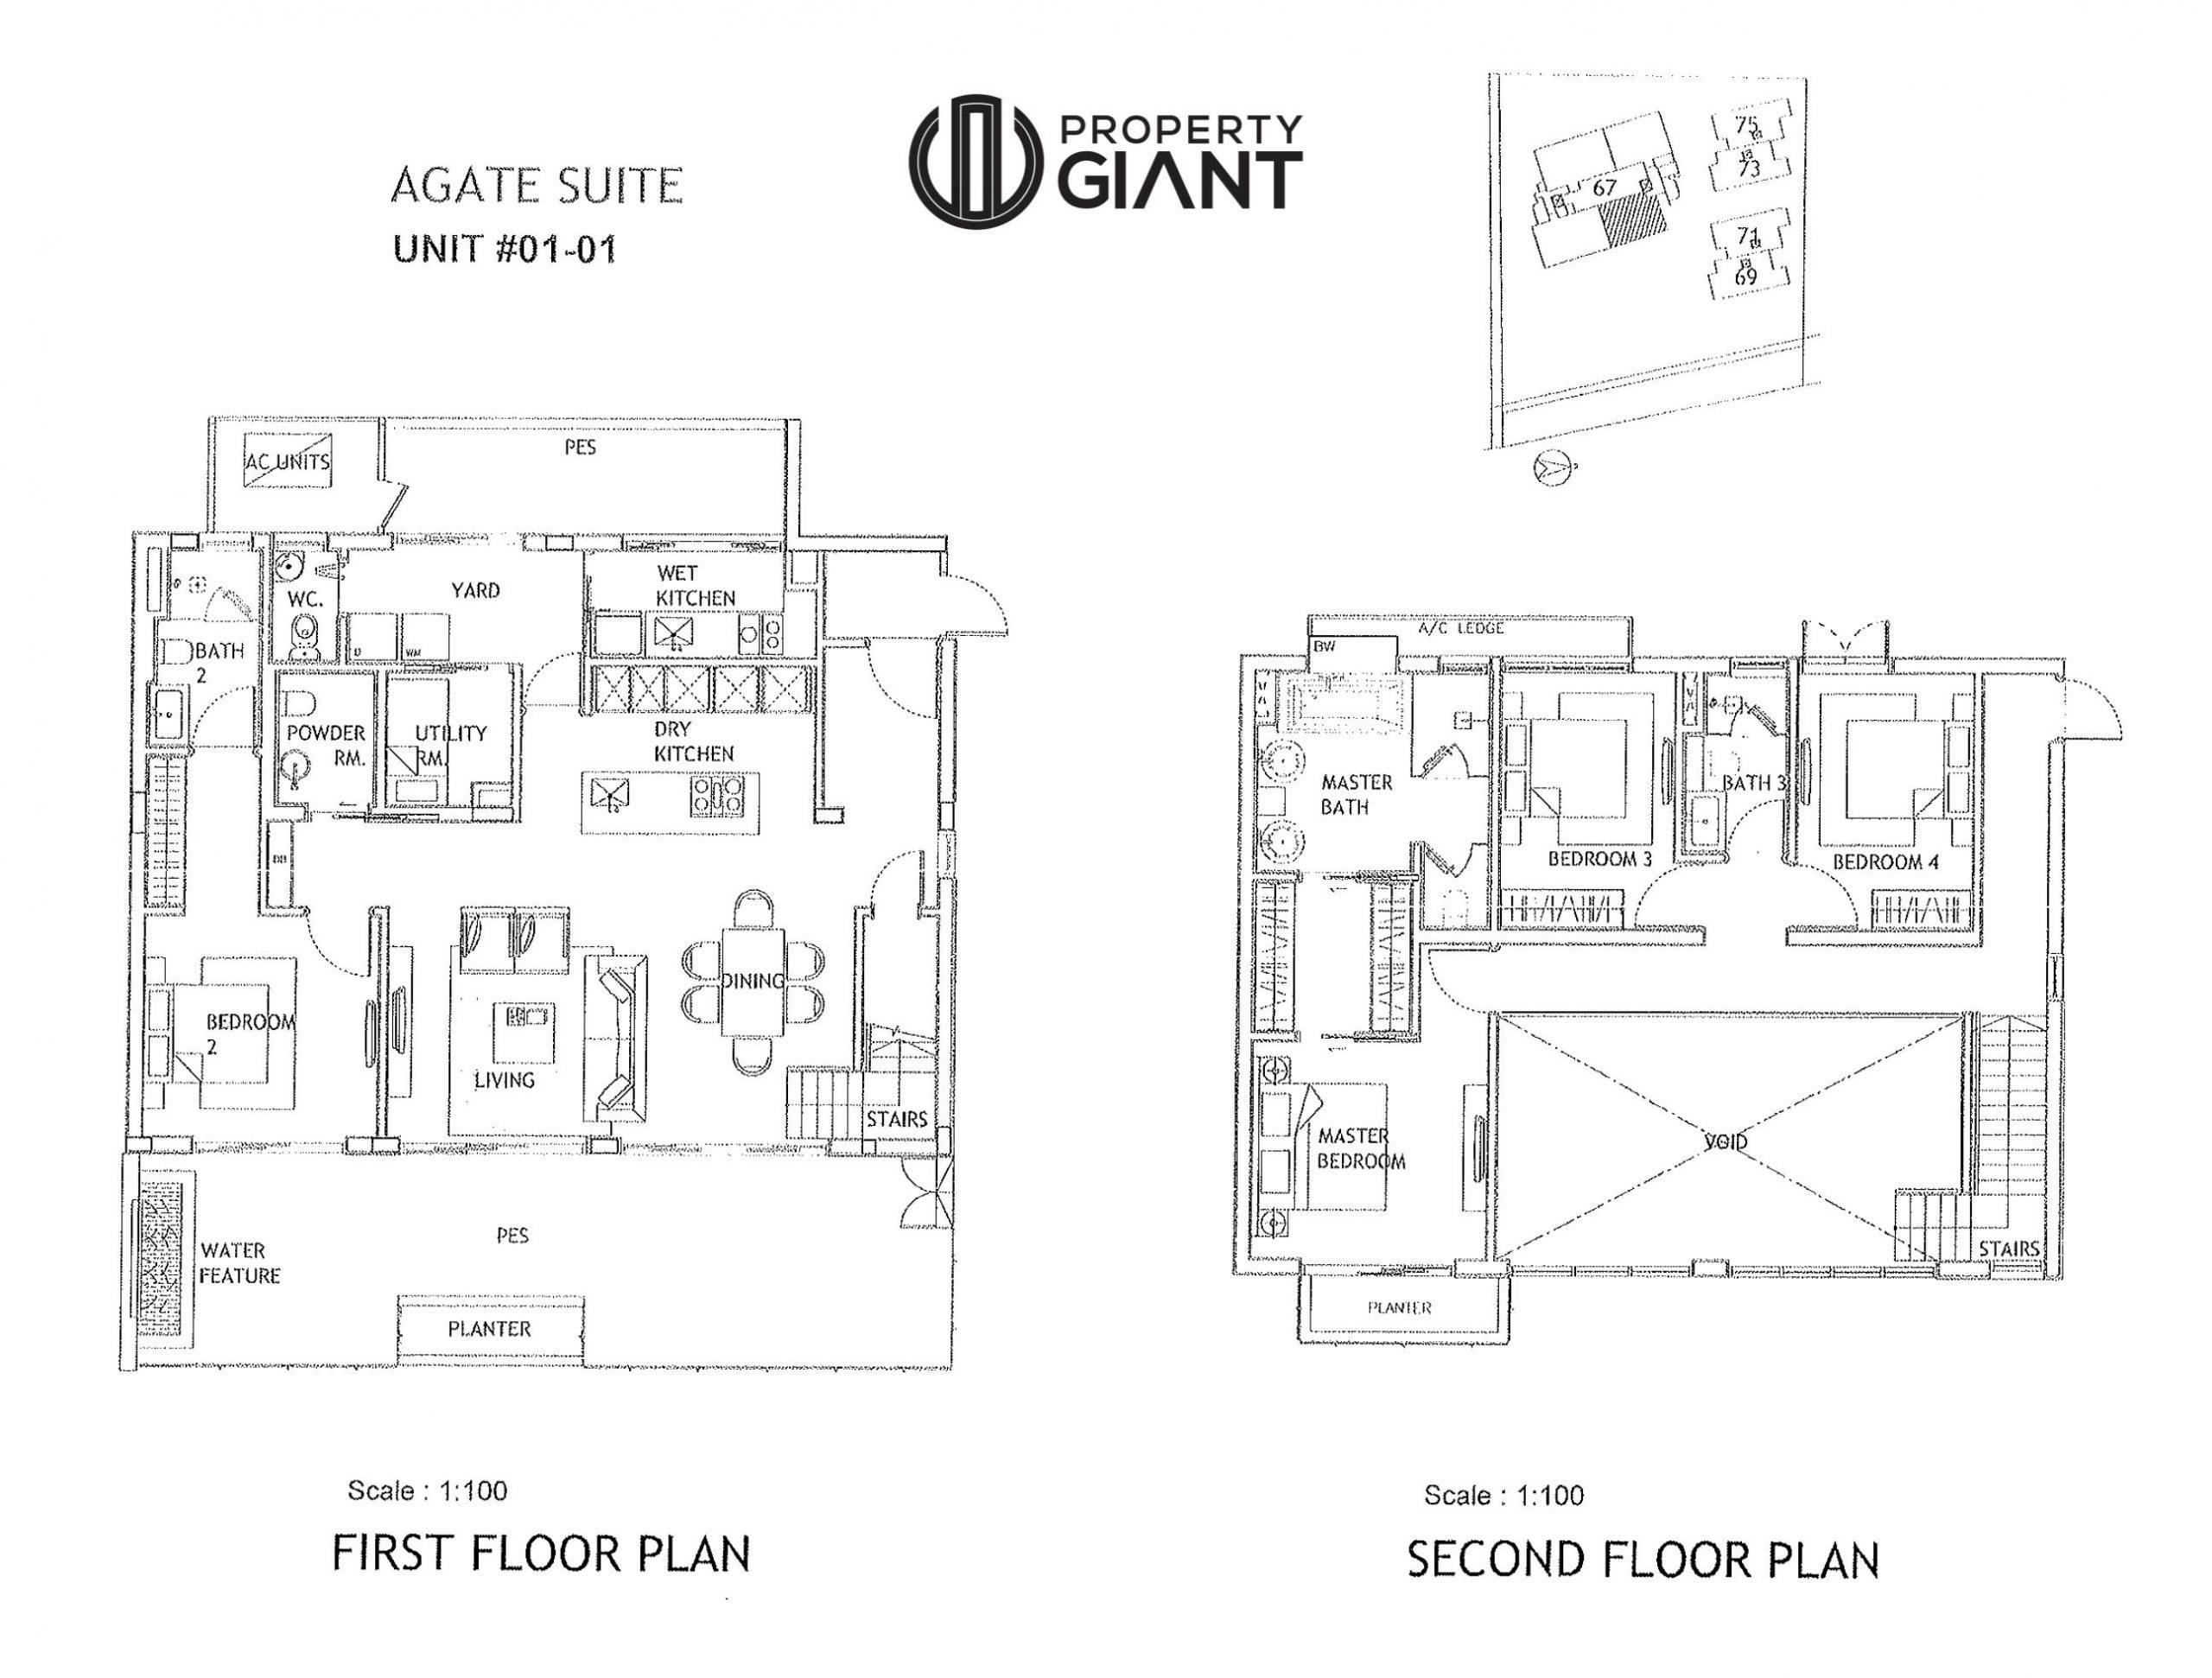 Agate Suite